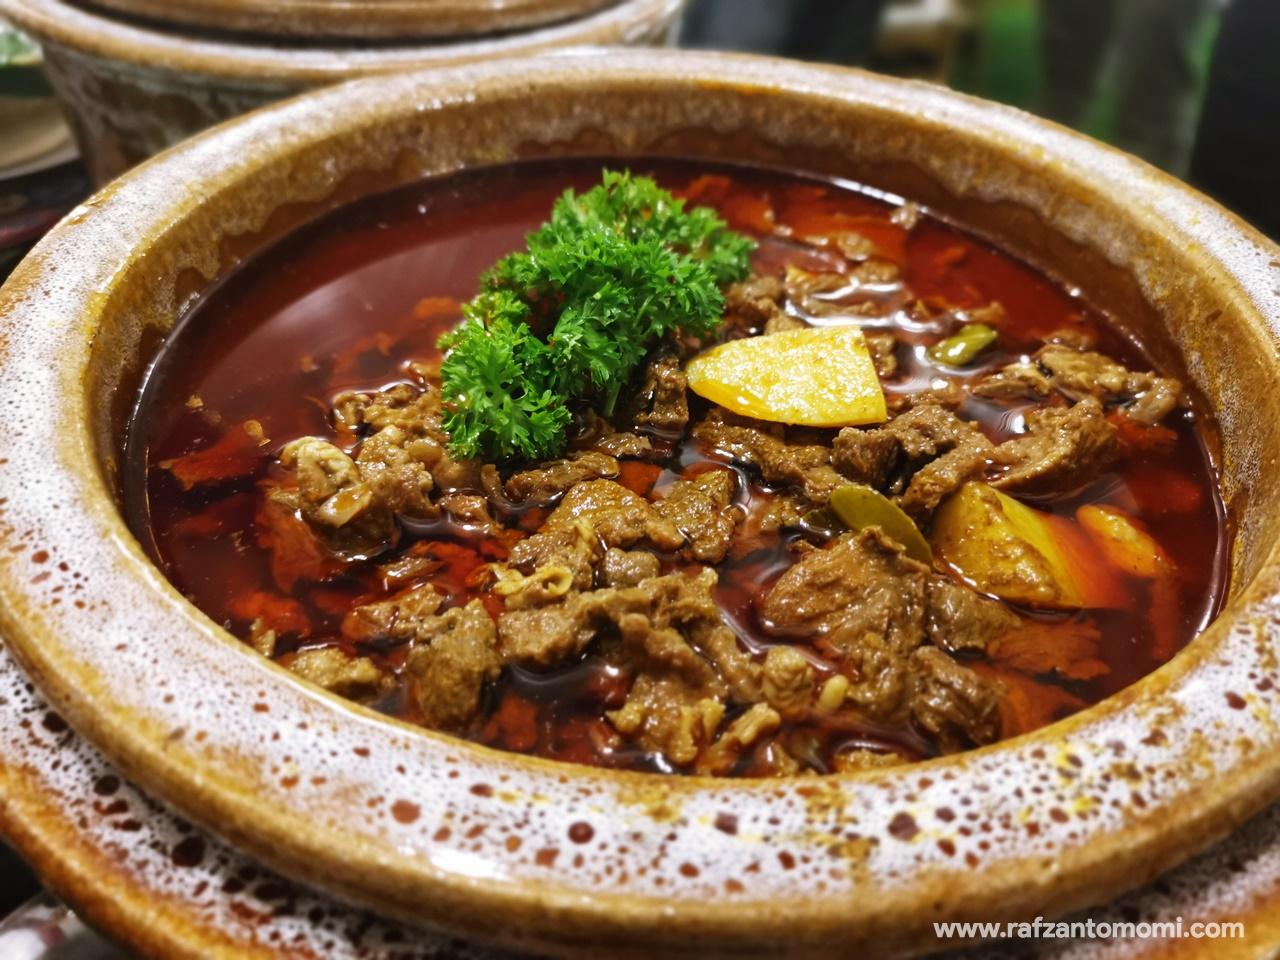 Buffet Ramadan 2019 - Lugar De La Boda, Puchong